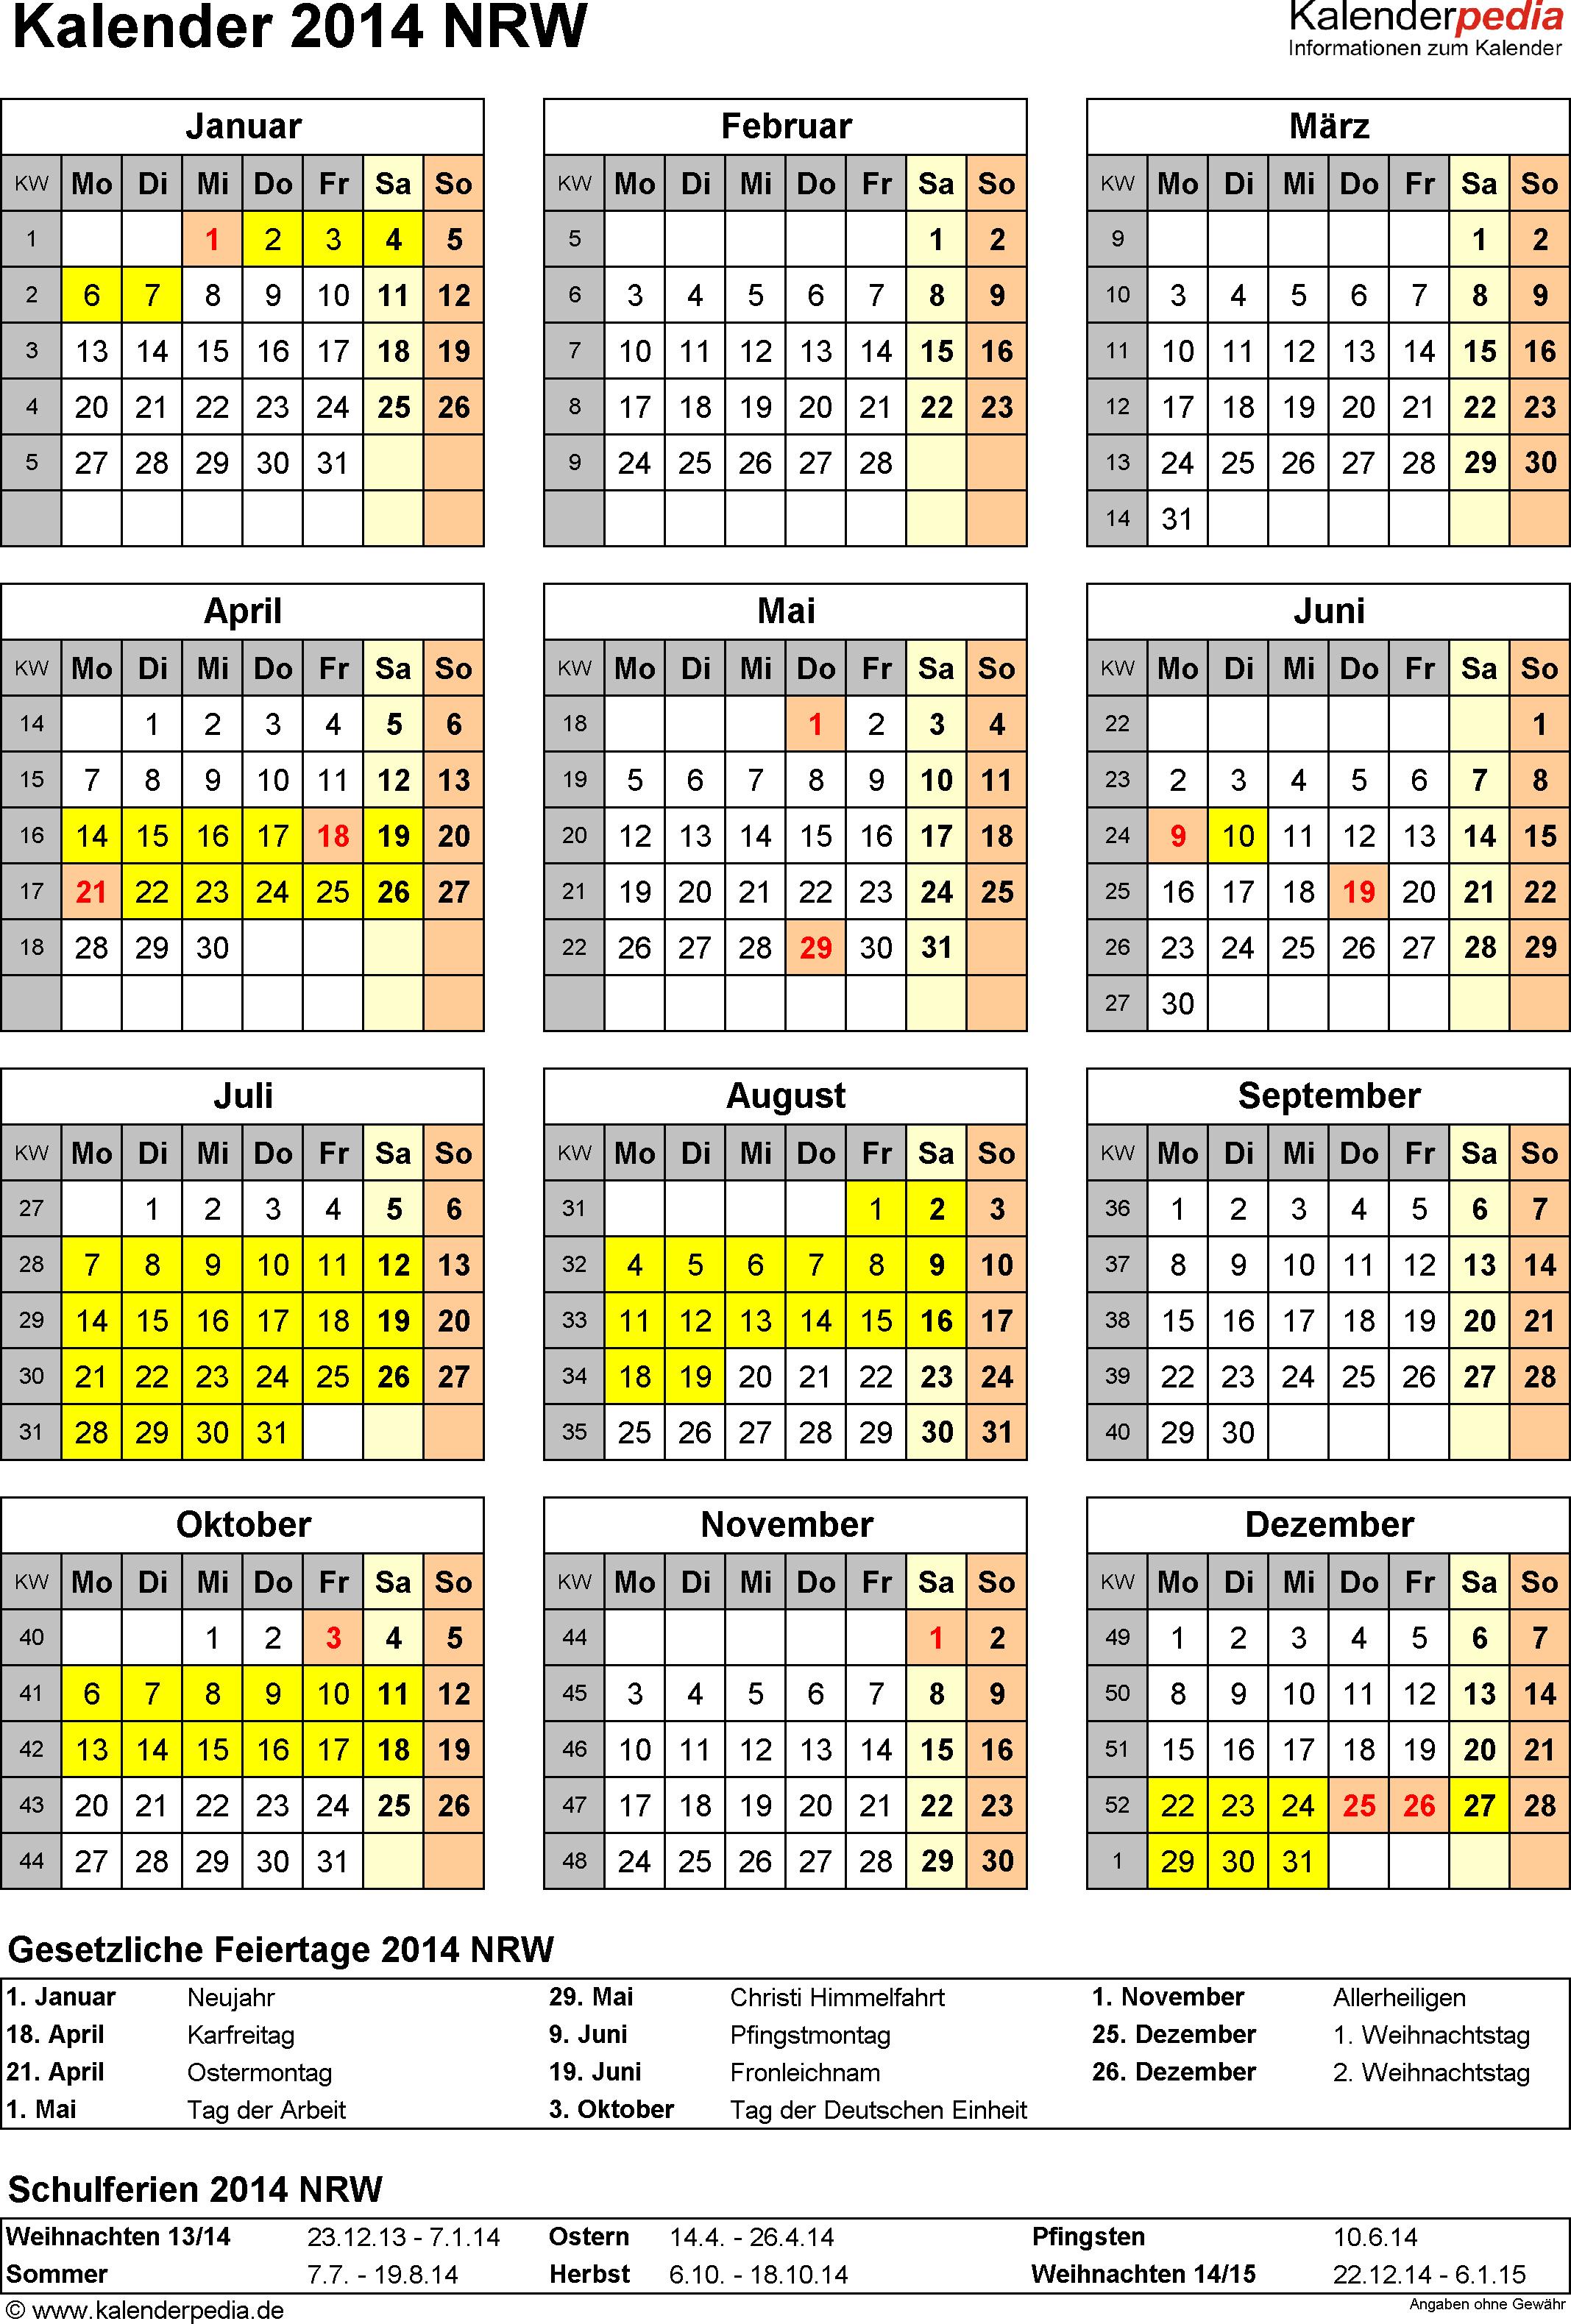 Vorlage 4: Kalender Nordrhein-Westfalen (NRW) 2014 als PDF-Vorlage (Hochformat)